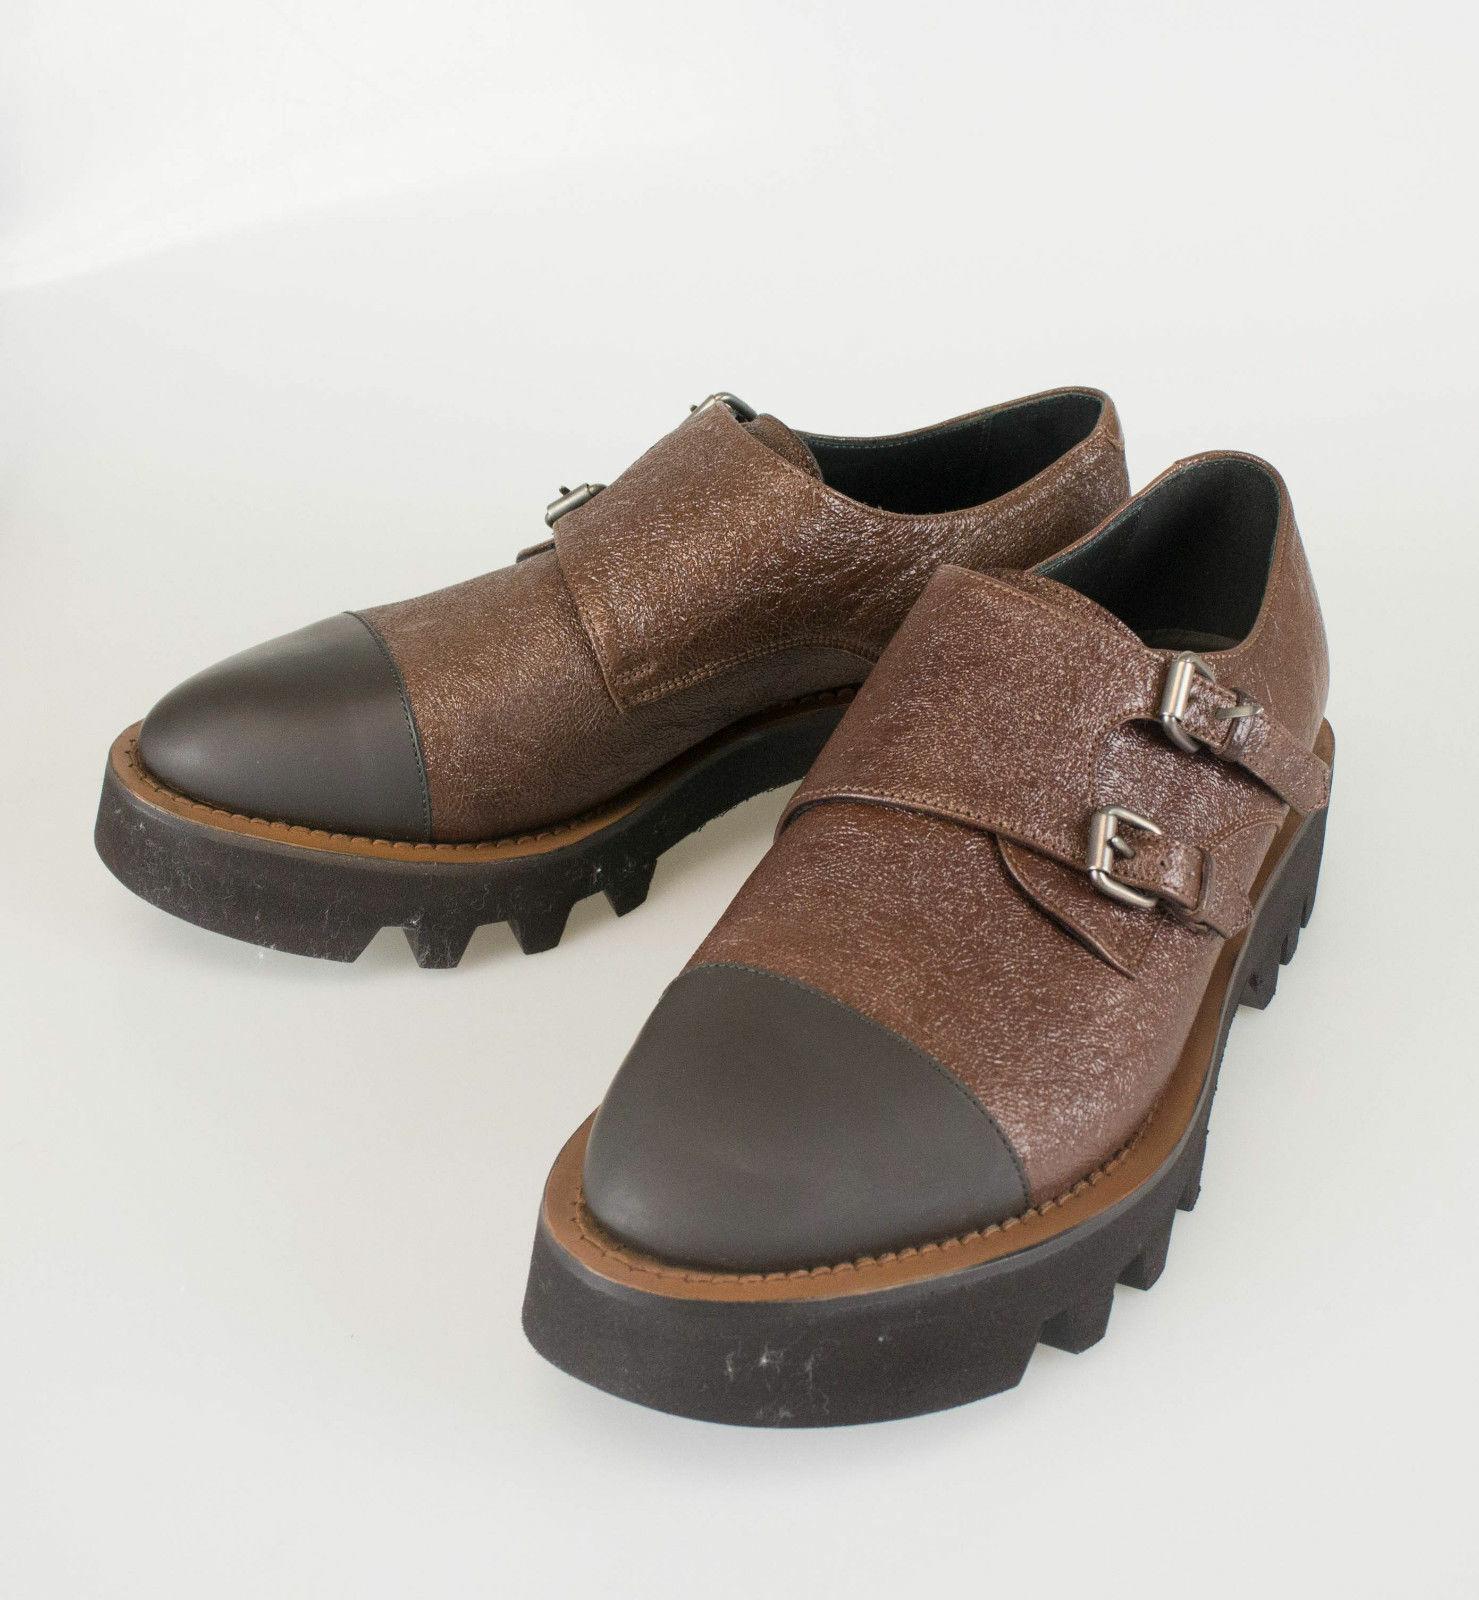 Nuevo. BRUNELLO CUCINELLI Marrón Cuero Doble monkstrap zapatos talla 8.5 38.5  1355